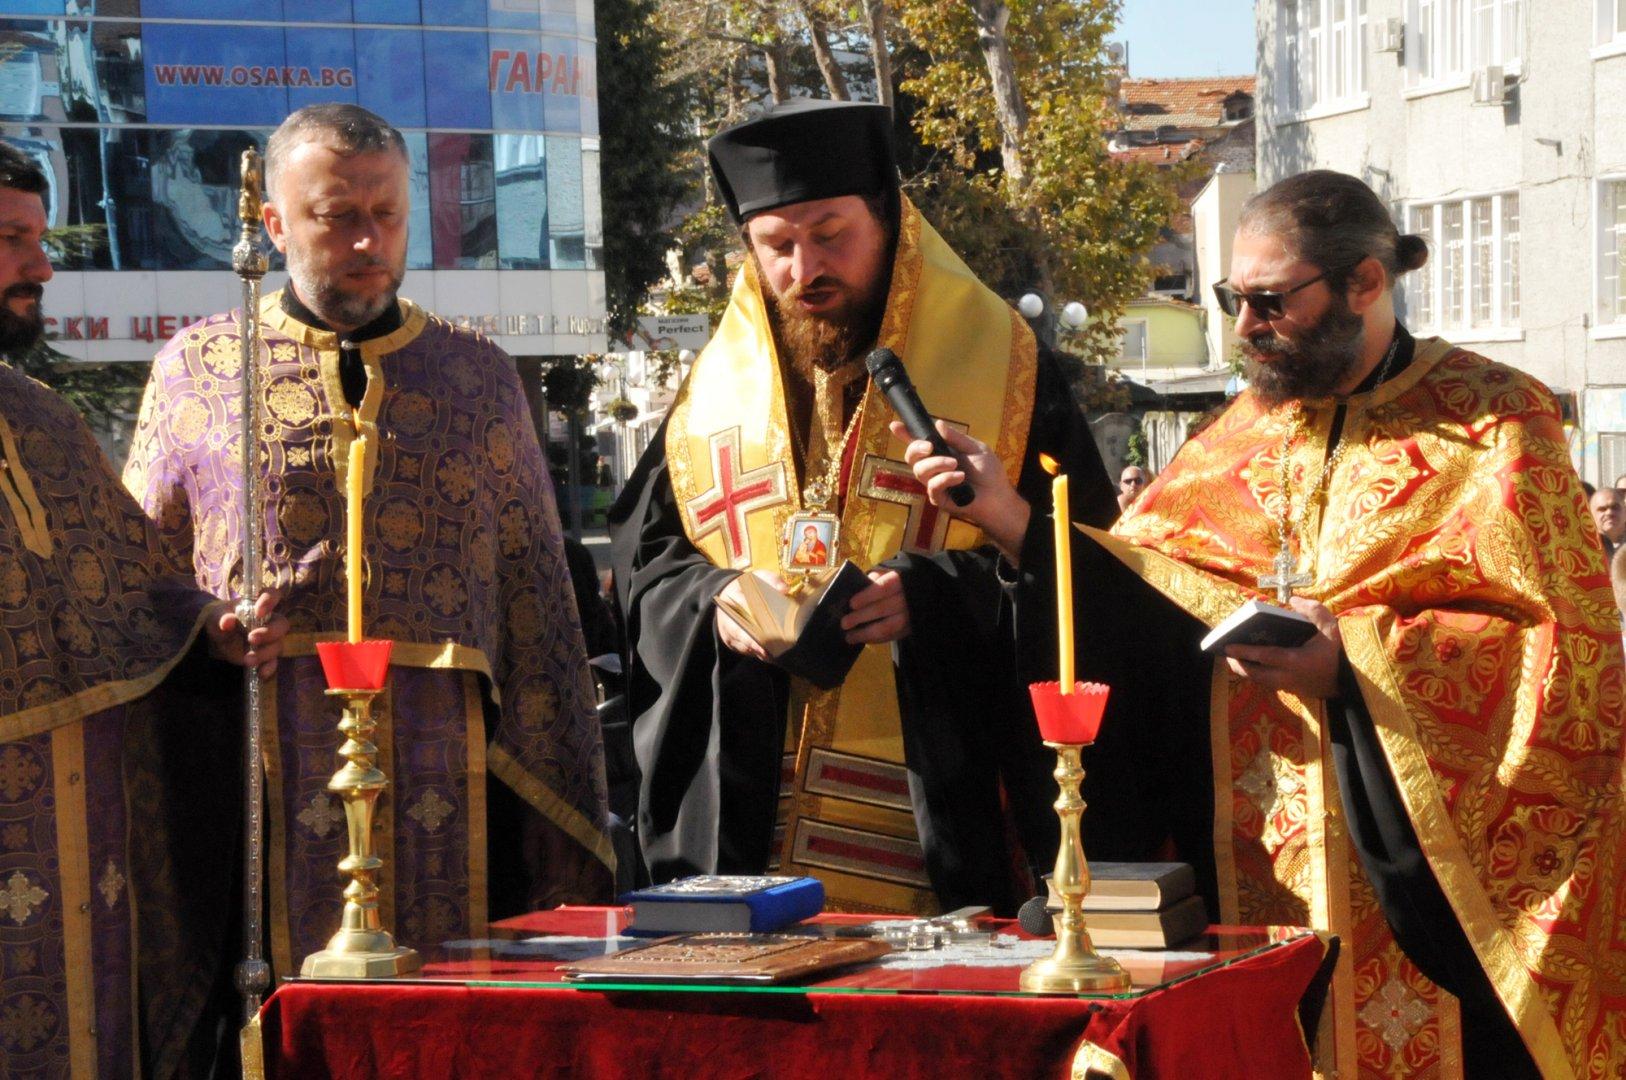 Агатополският епископ Иеротей (в средата) и духовници от Бургаска околия извършиха молебен за здраве. Снимки Лина Главинова